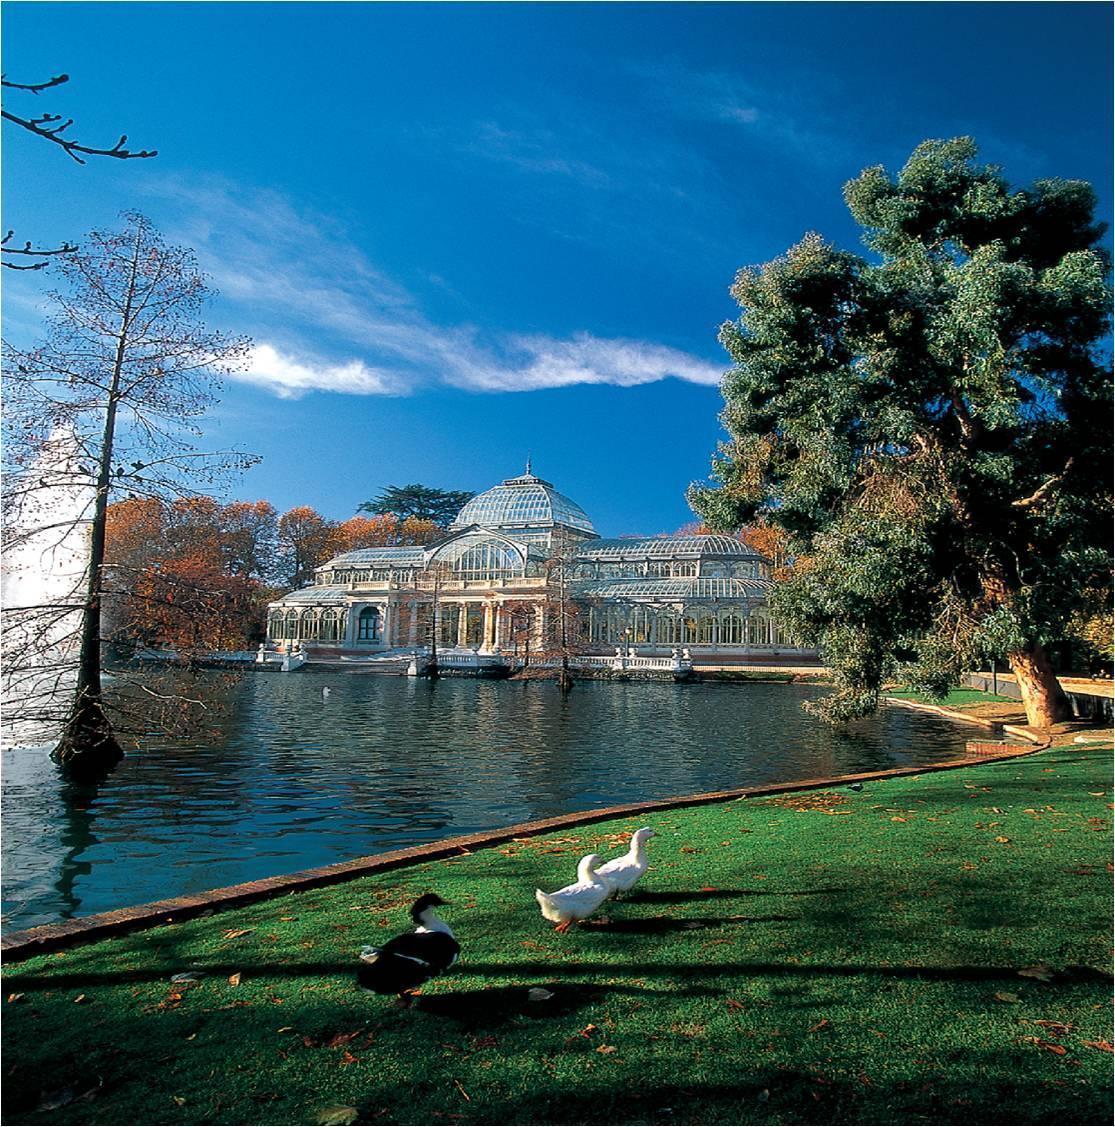 El lago del Palacio de Cristal